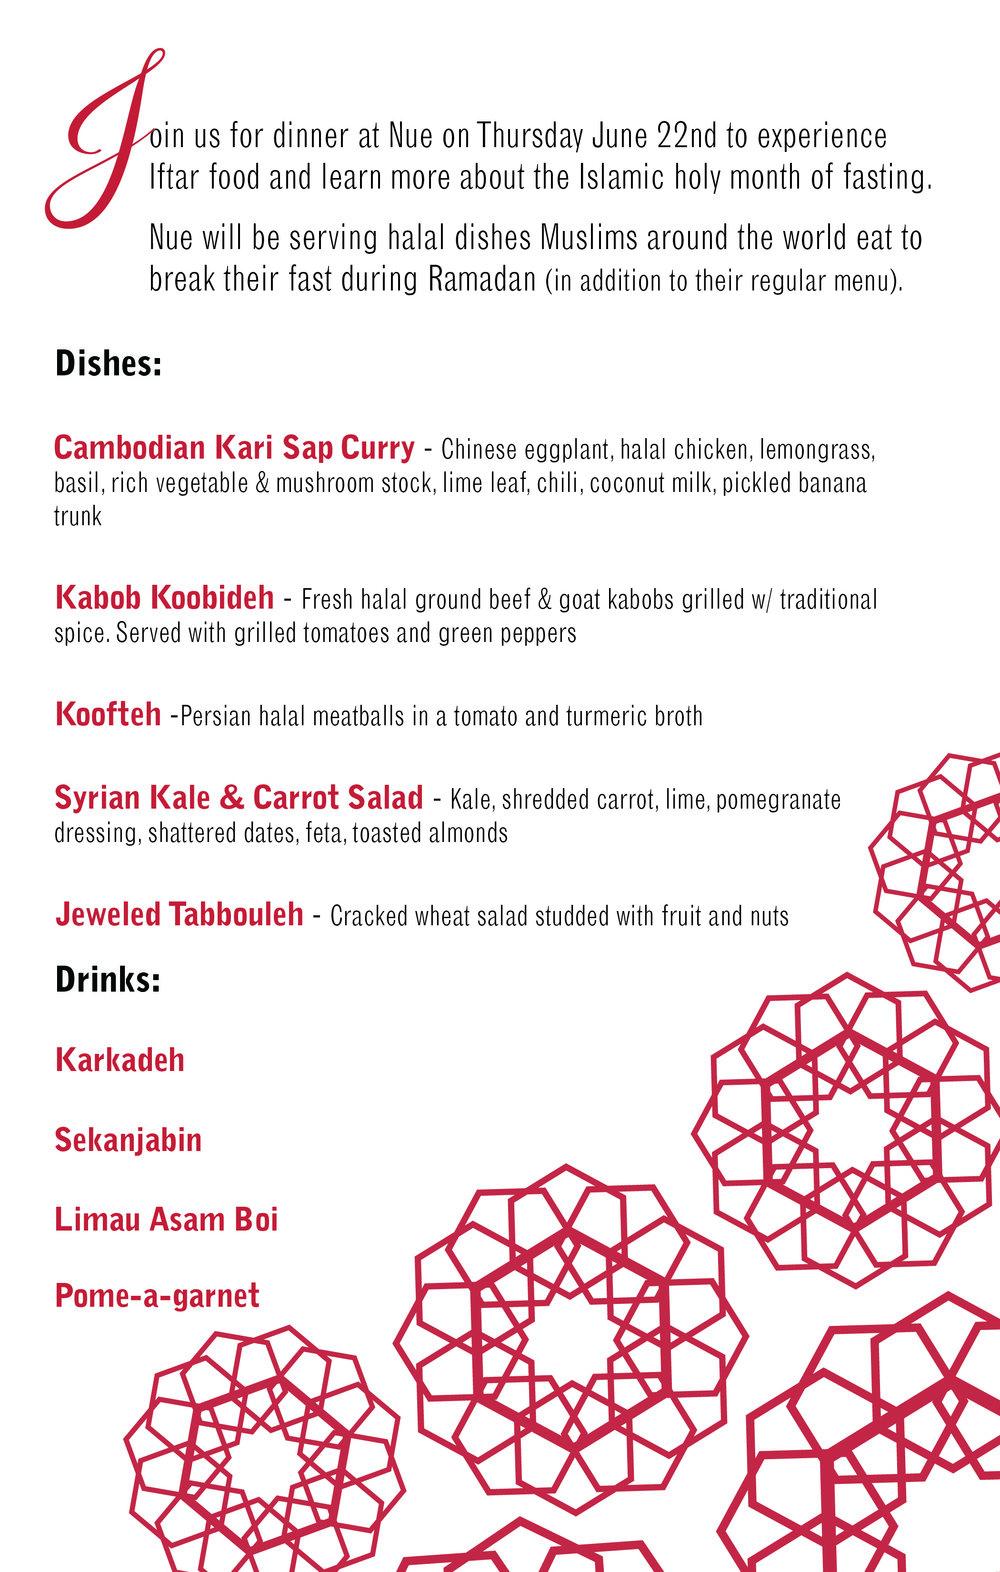 IftarDinner_menu.jpg